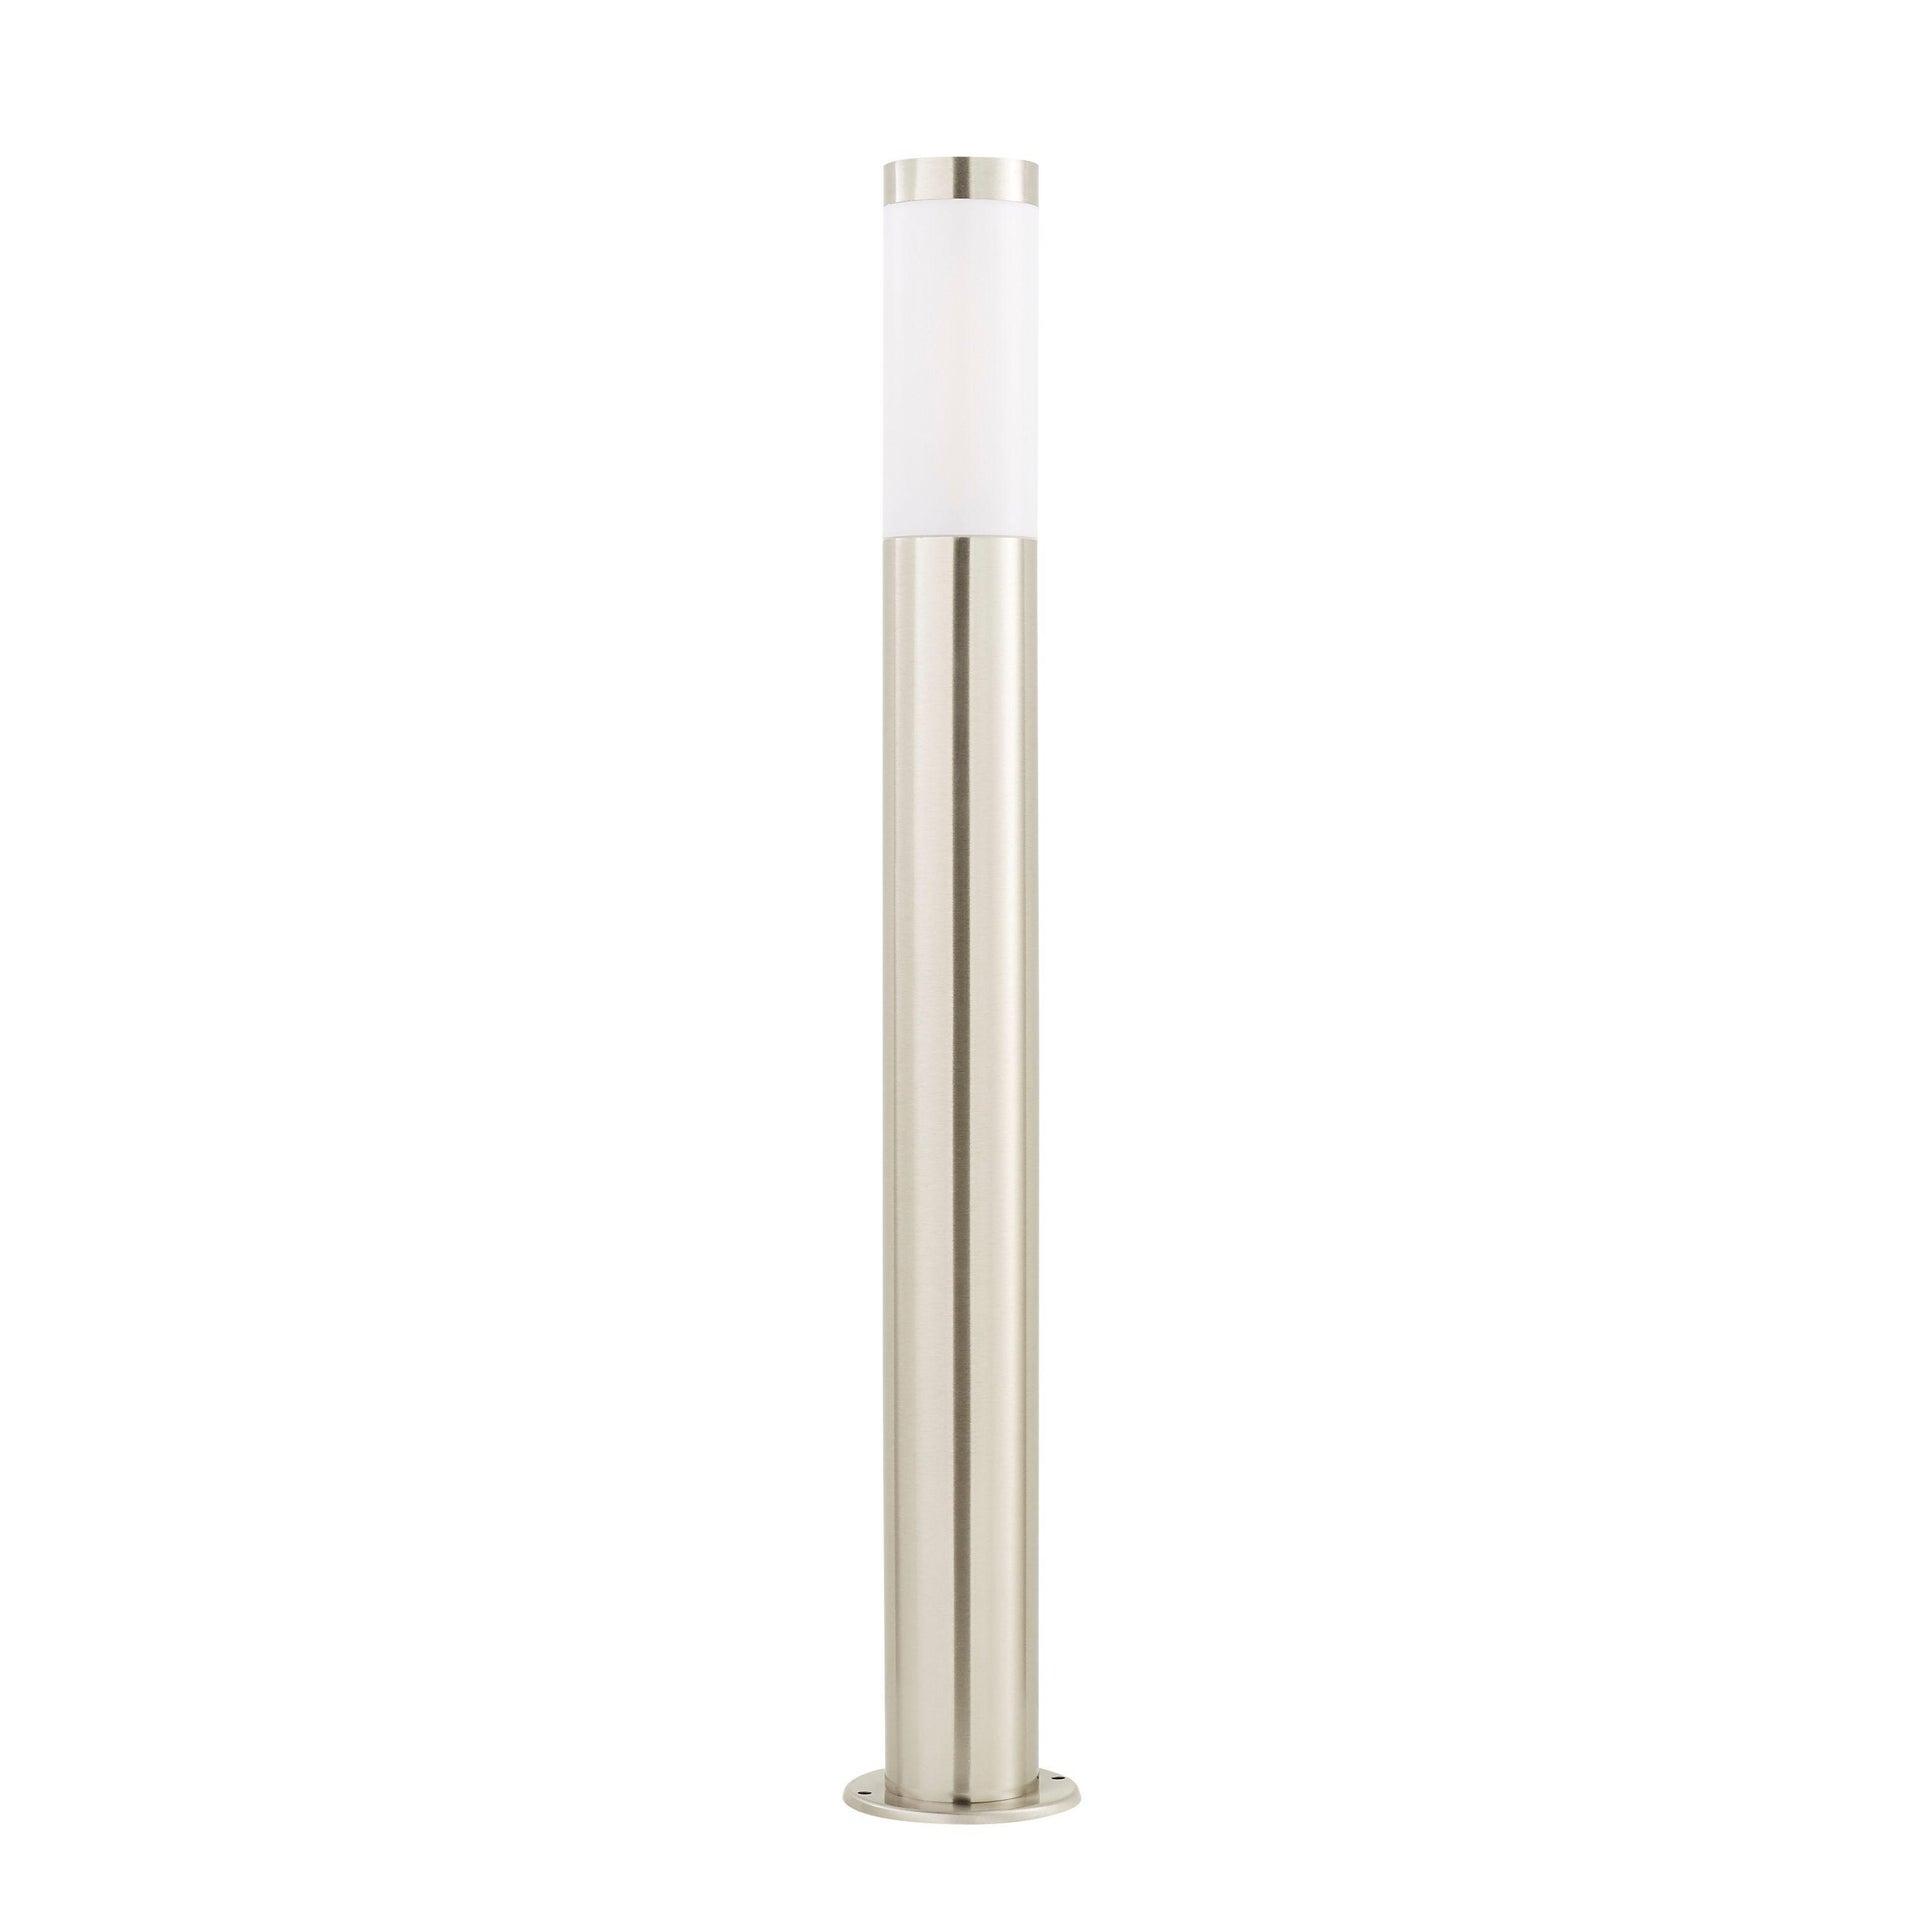 Lampione Bergen H80 cm in alluminio, acciaio, E27 1x MAX 46W IP44 INSPIRE - 3